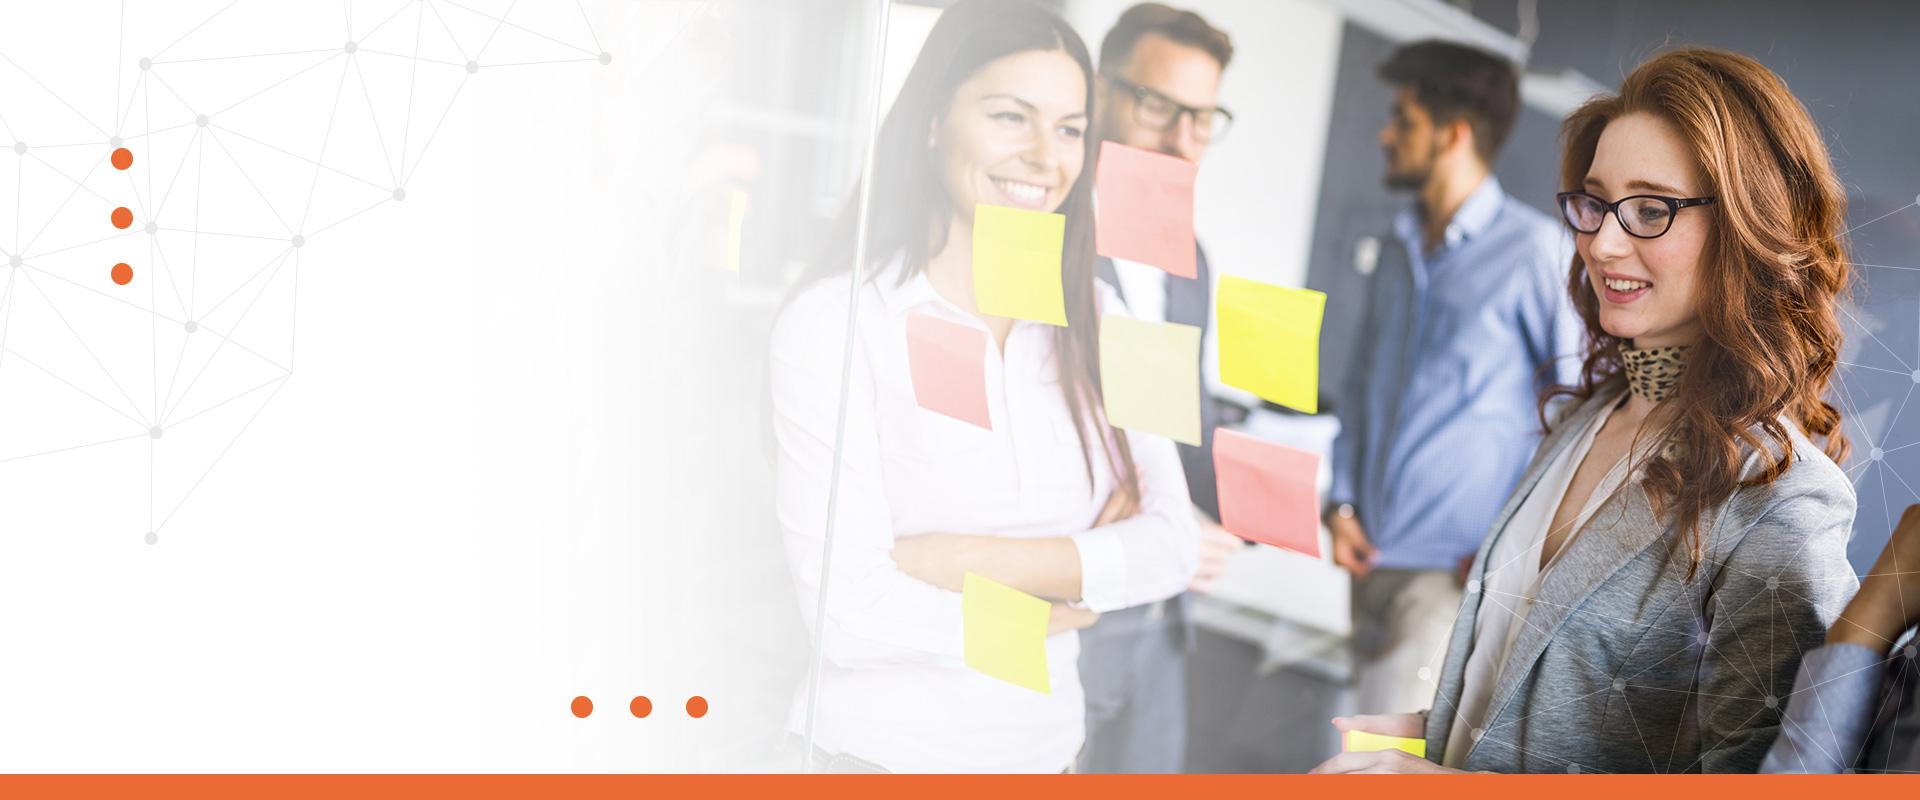 Las 3 preguntas que no pueden faltar en una entrevista de trabajo para técnicos y administrativos